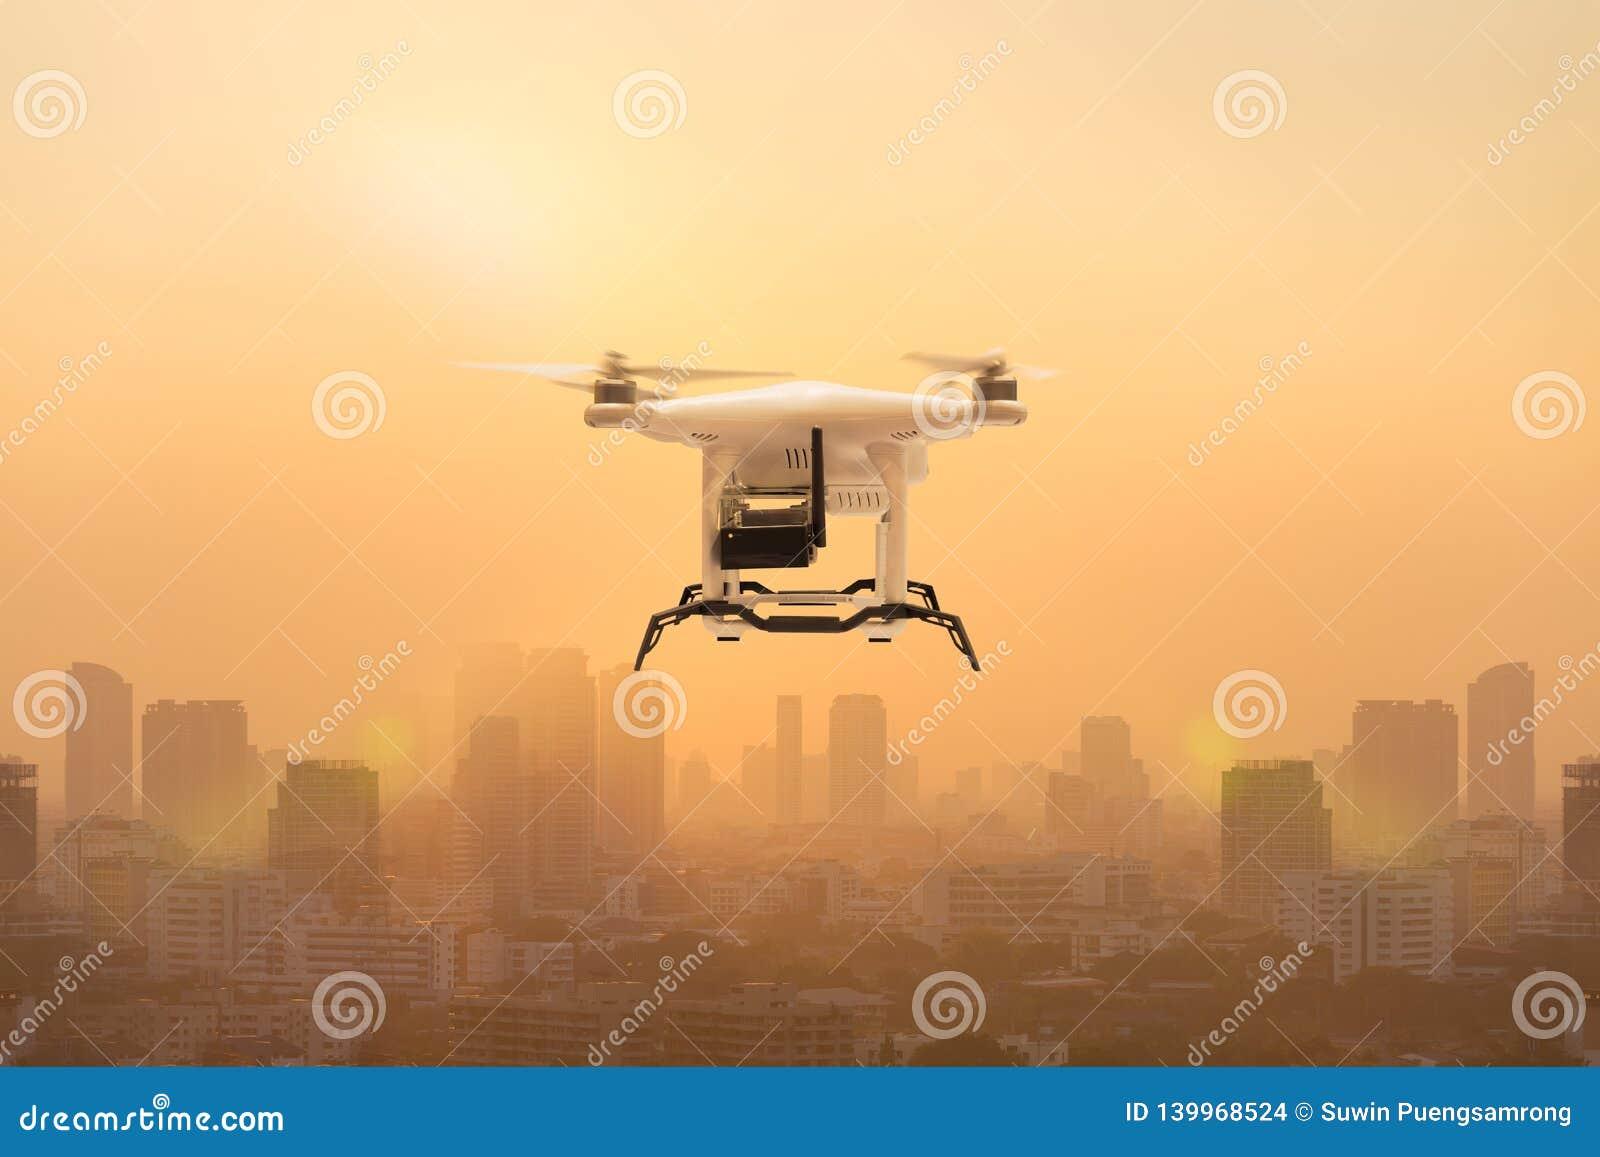 Κηφήνας που πετά για να μετρήσει τα μόρια σκόνης στον αέρα πέρα από τη μητρόπολη, τεχνολογία 4 0 έννοια